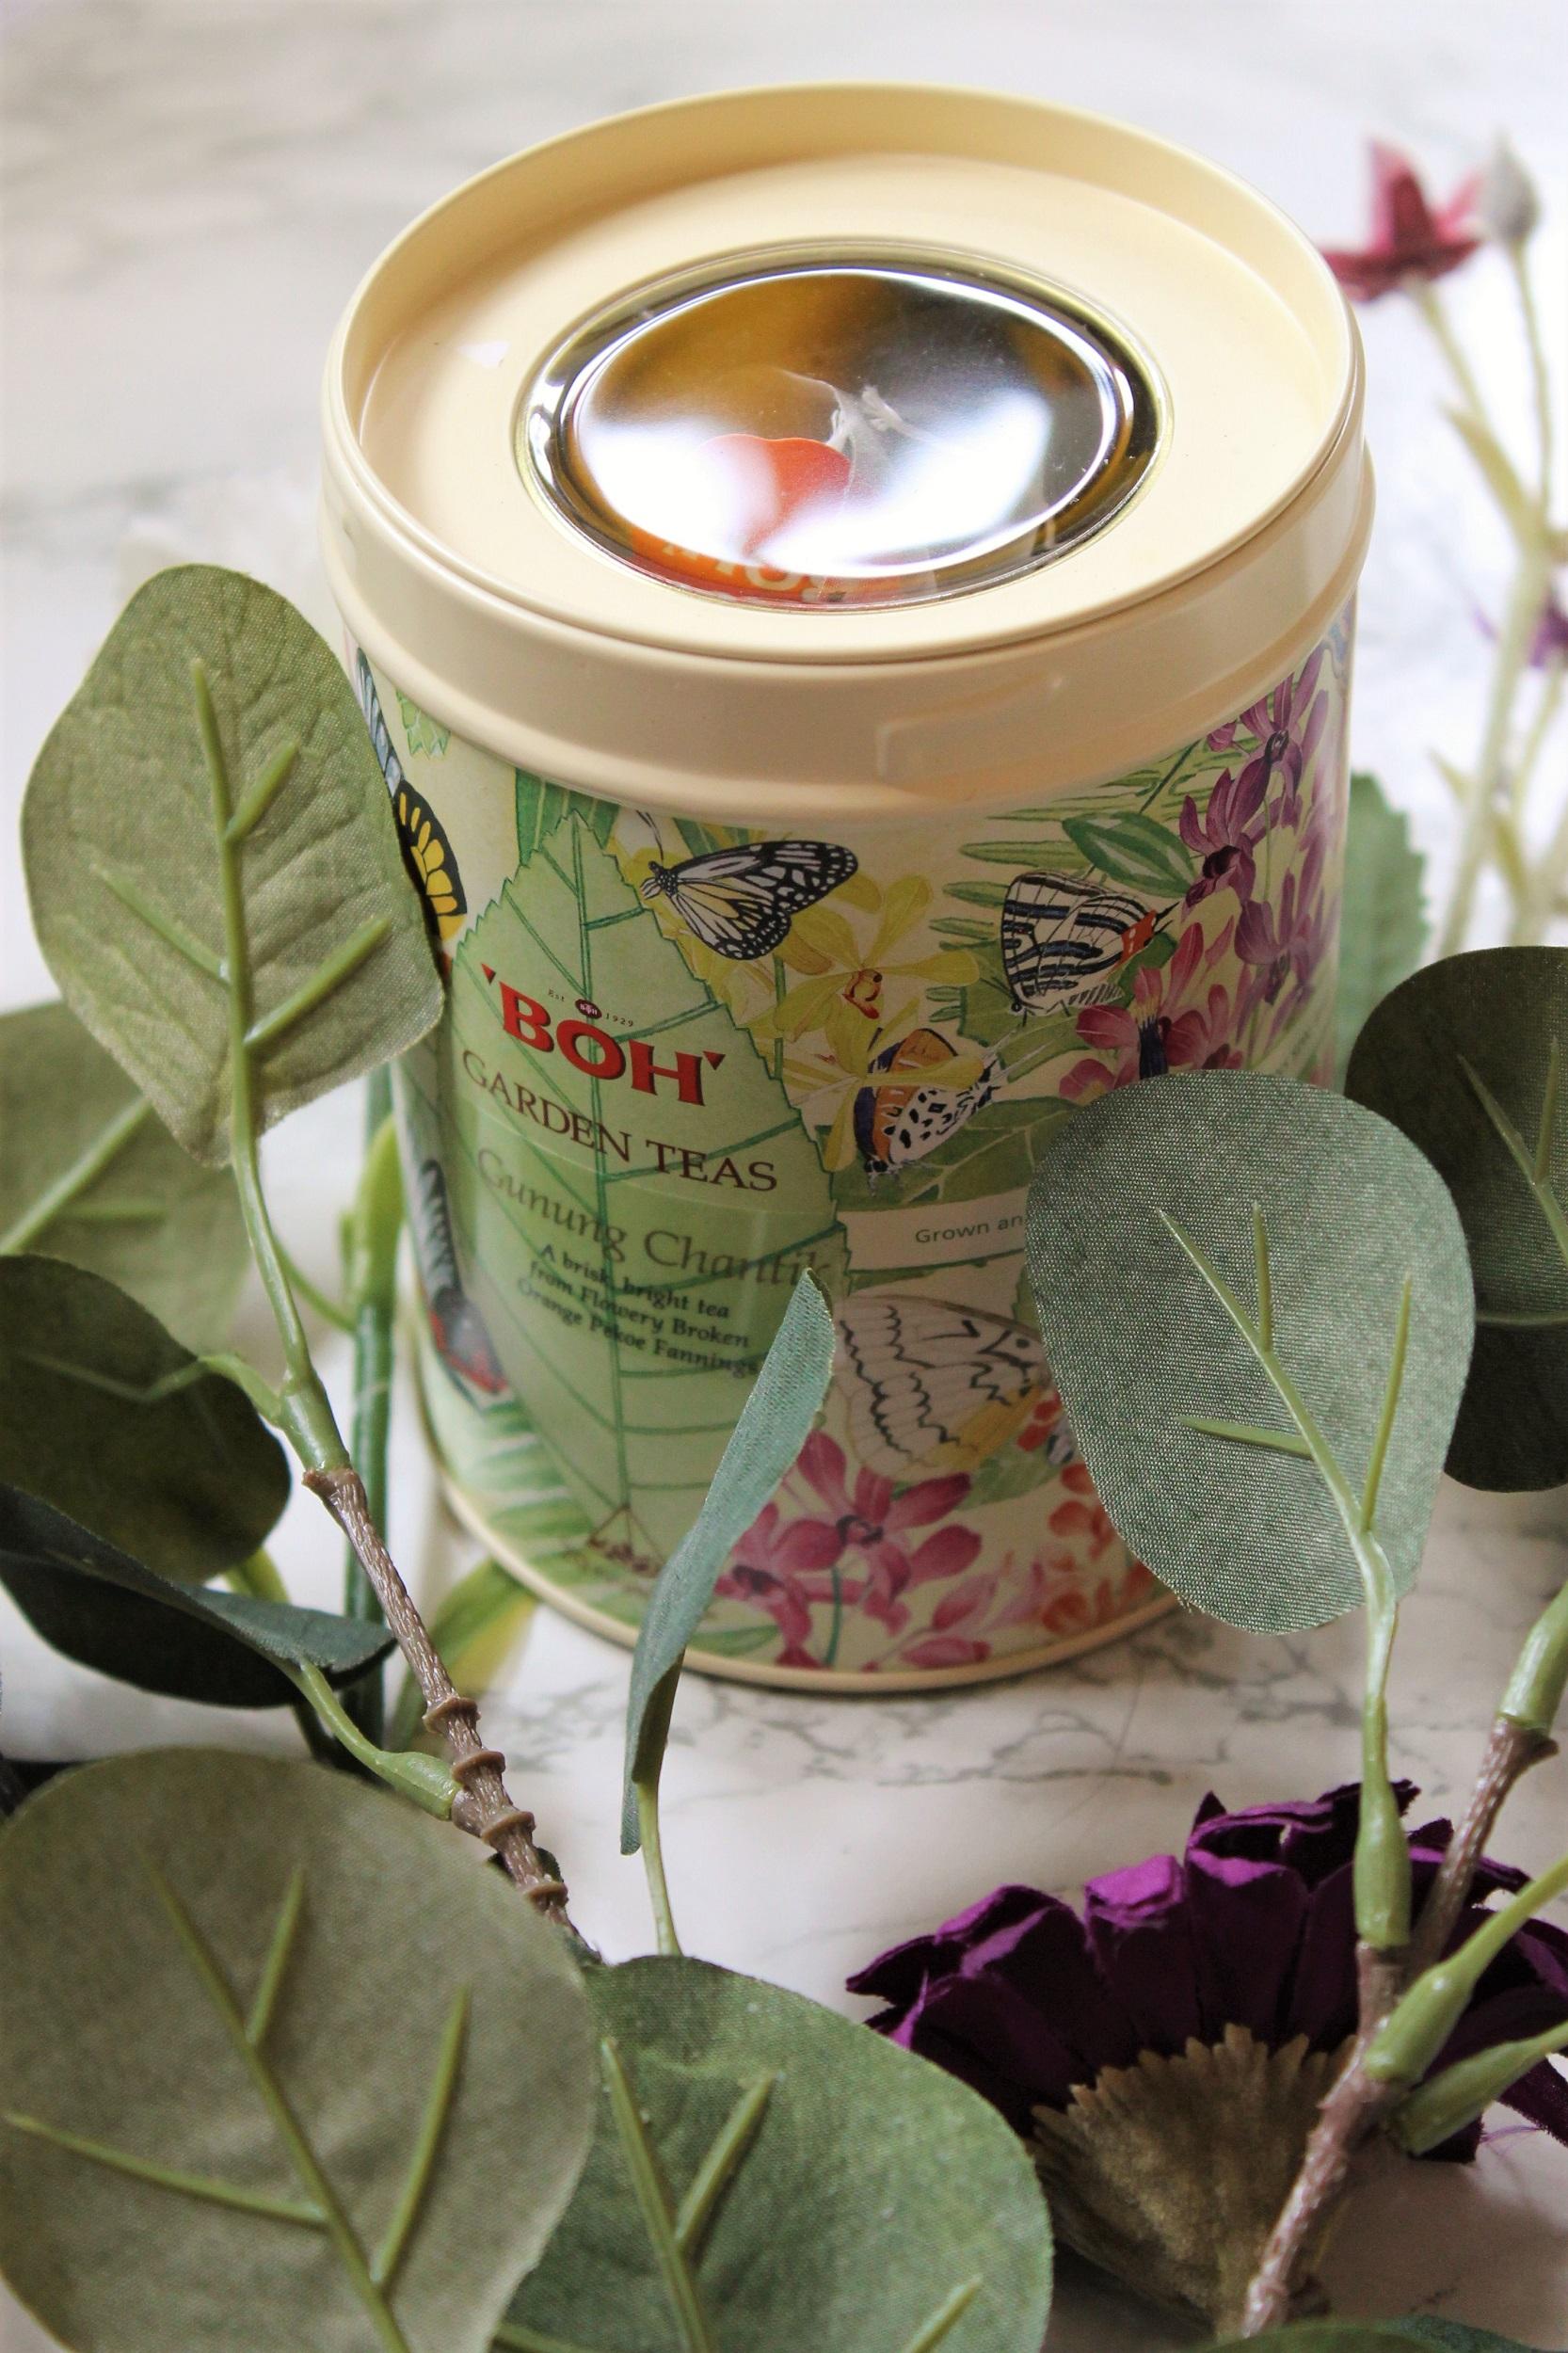 boh garden teas tea caddy